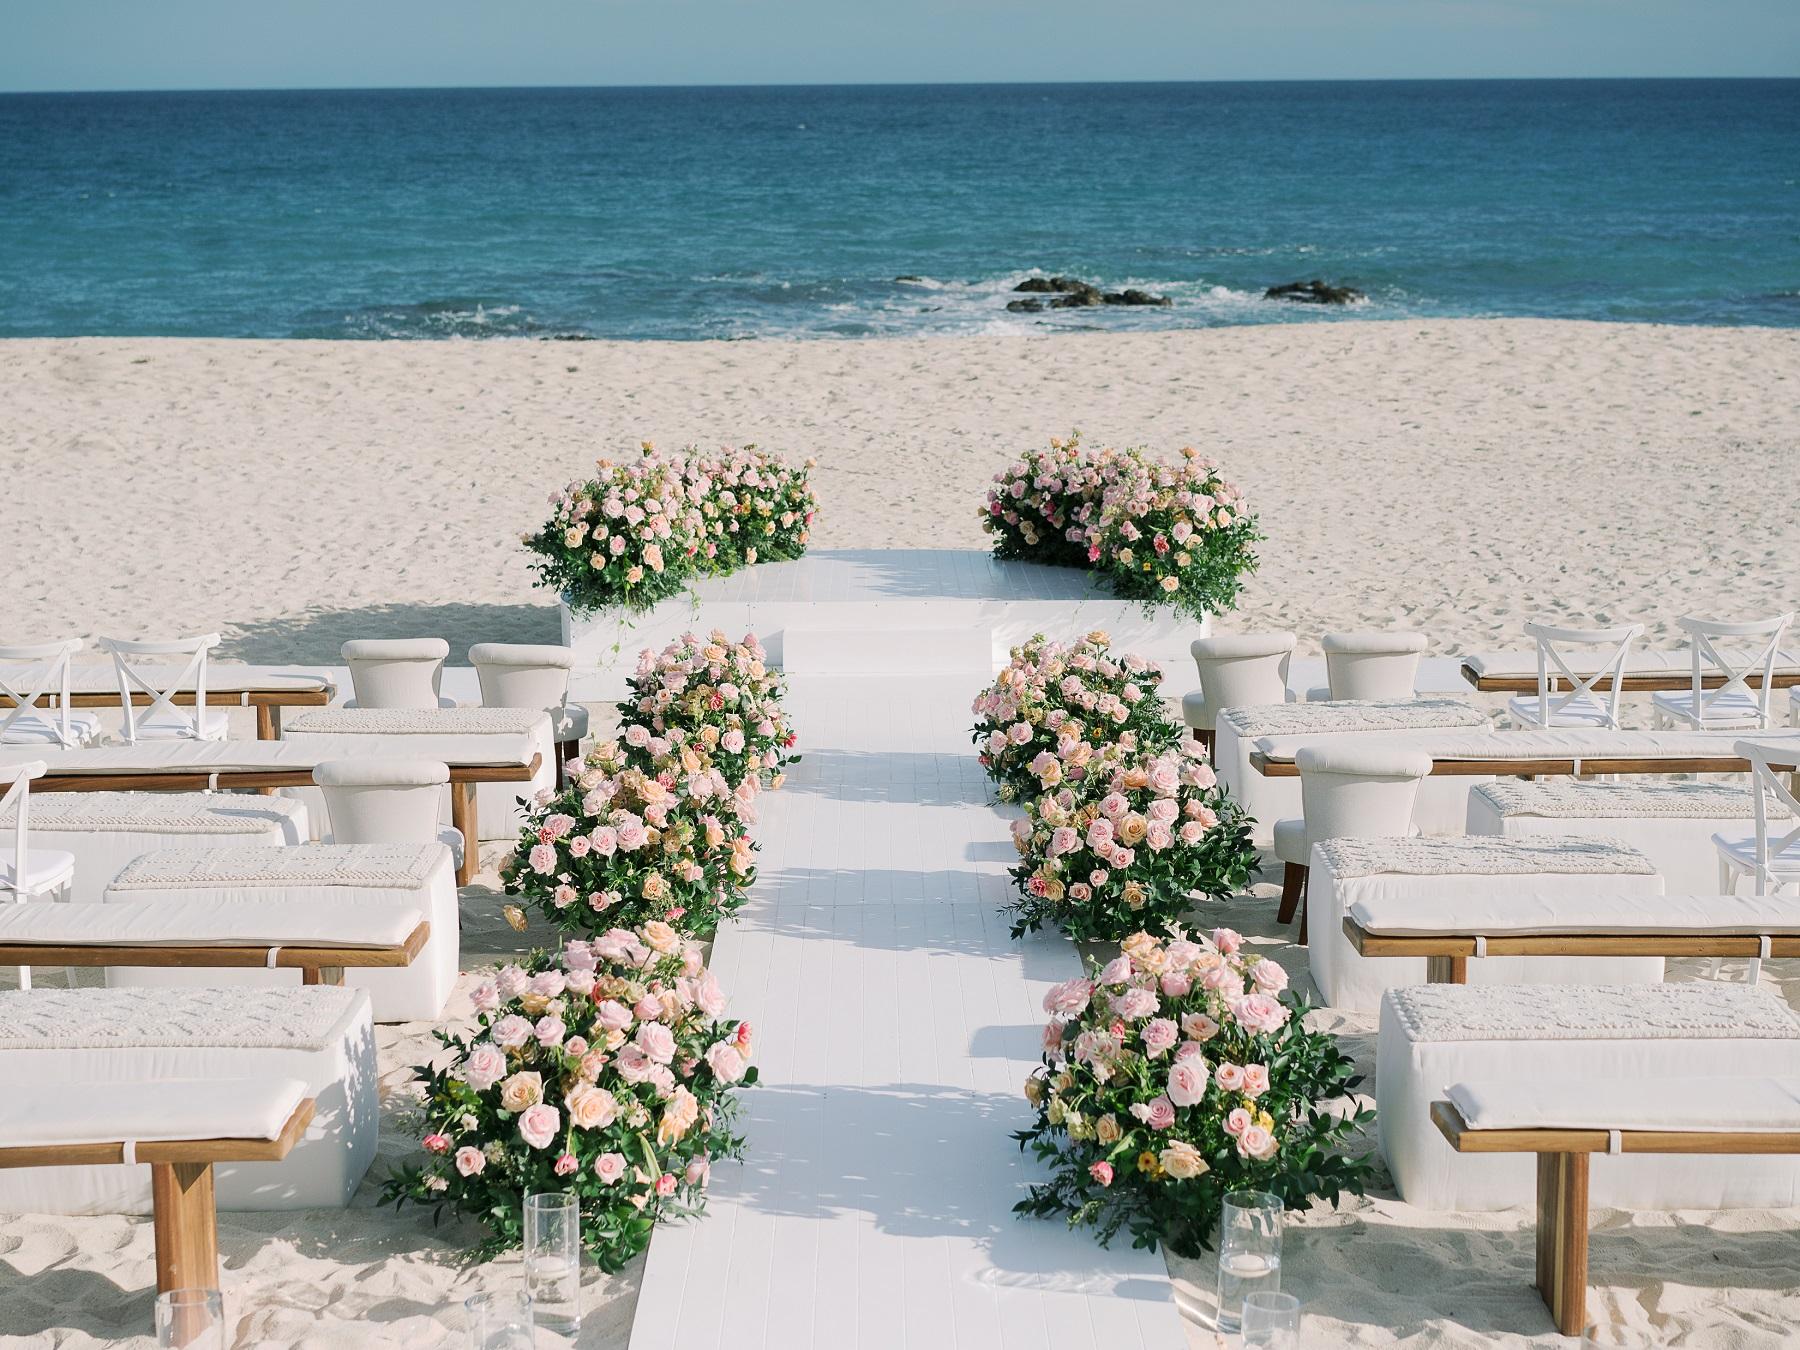 beach wedding cabo san lucas solaz